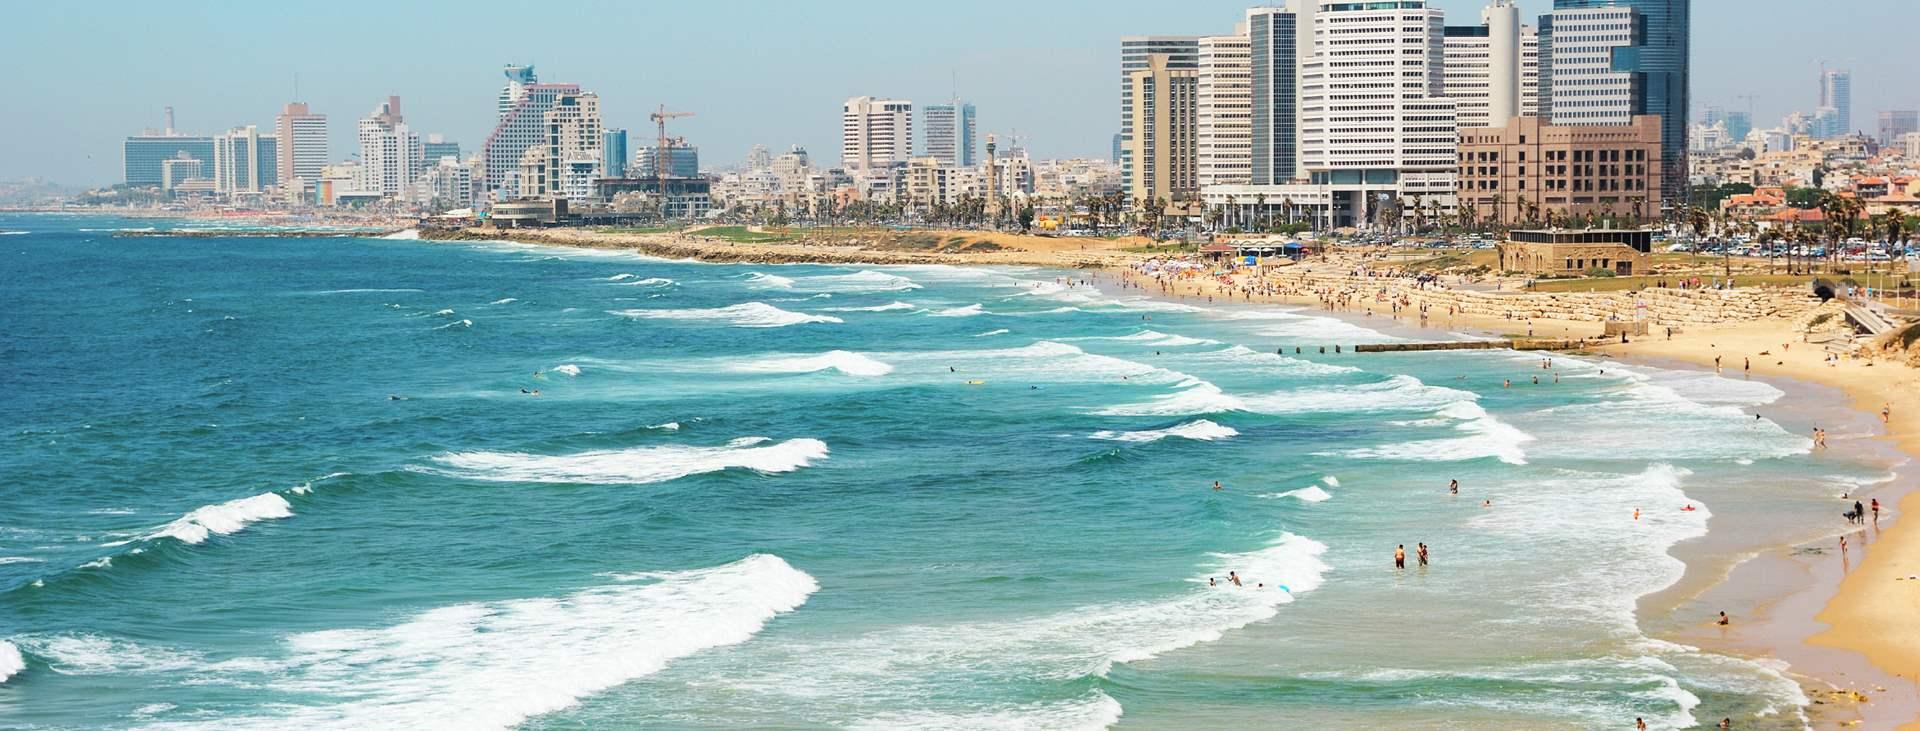 Bestill en reise til Tel Aviv i Israel med Ving